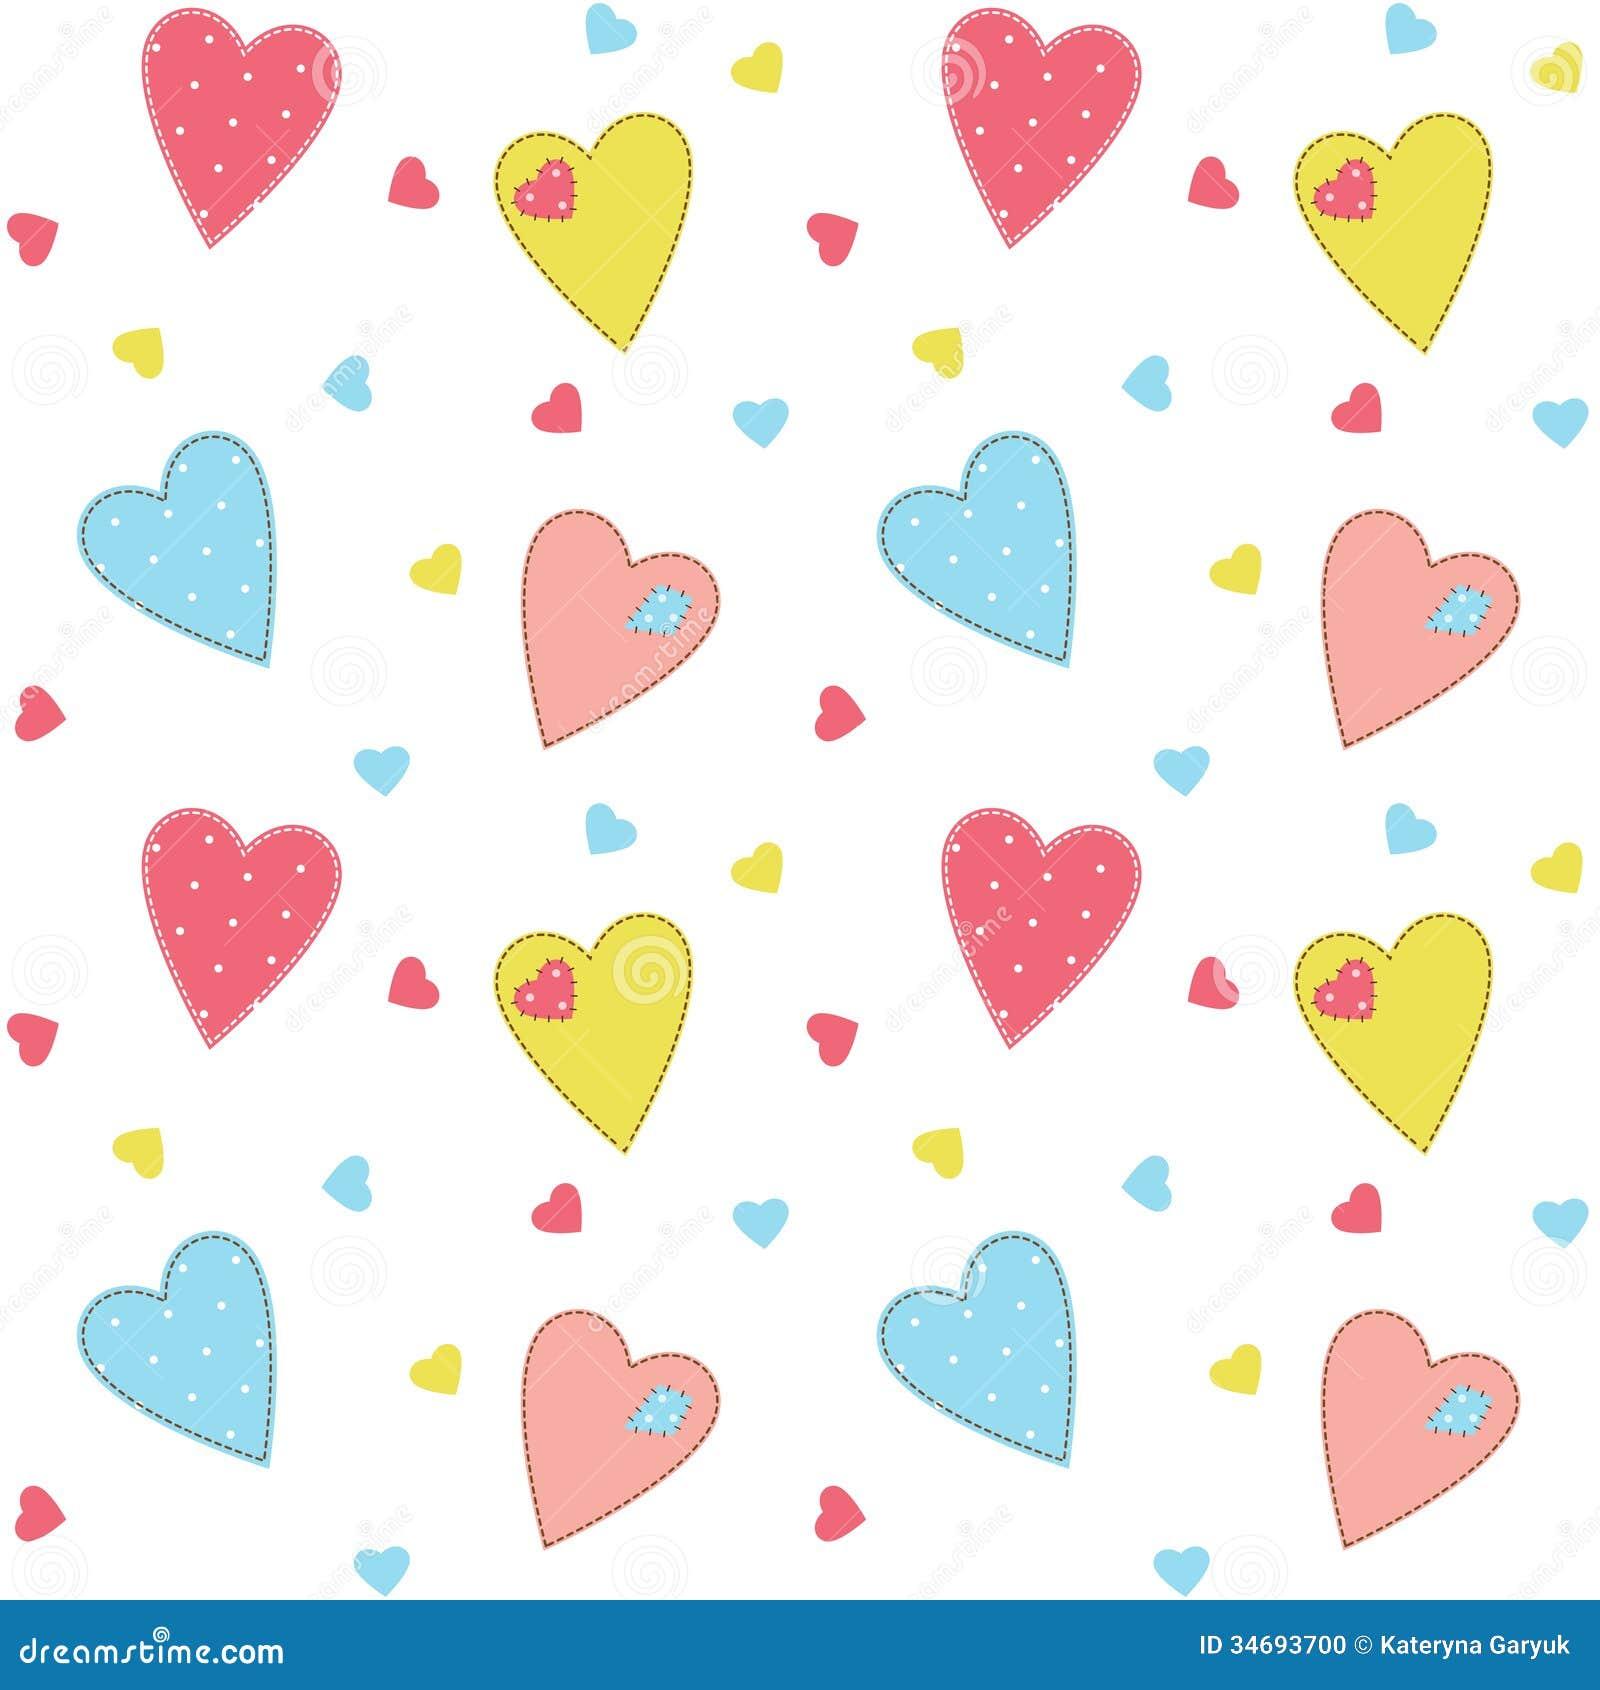 cute heart pattern wallpaper - photo #39